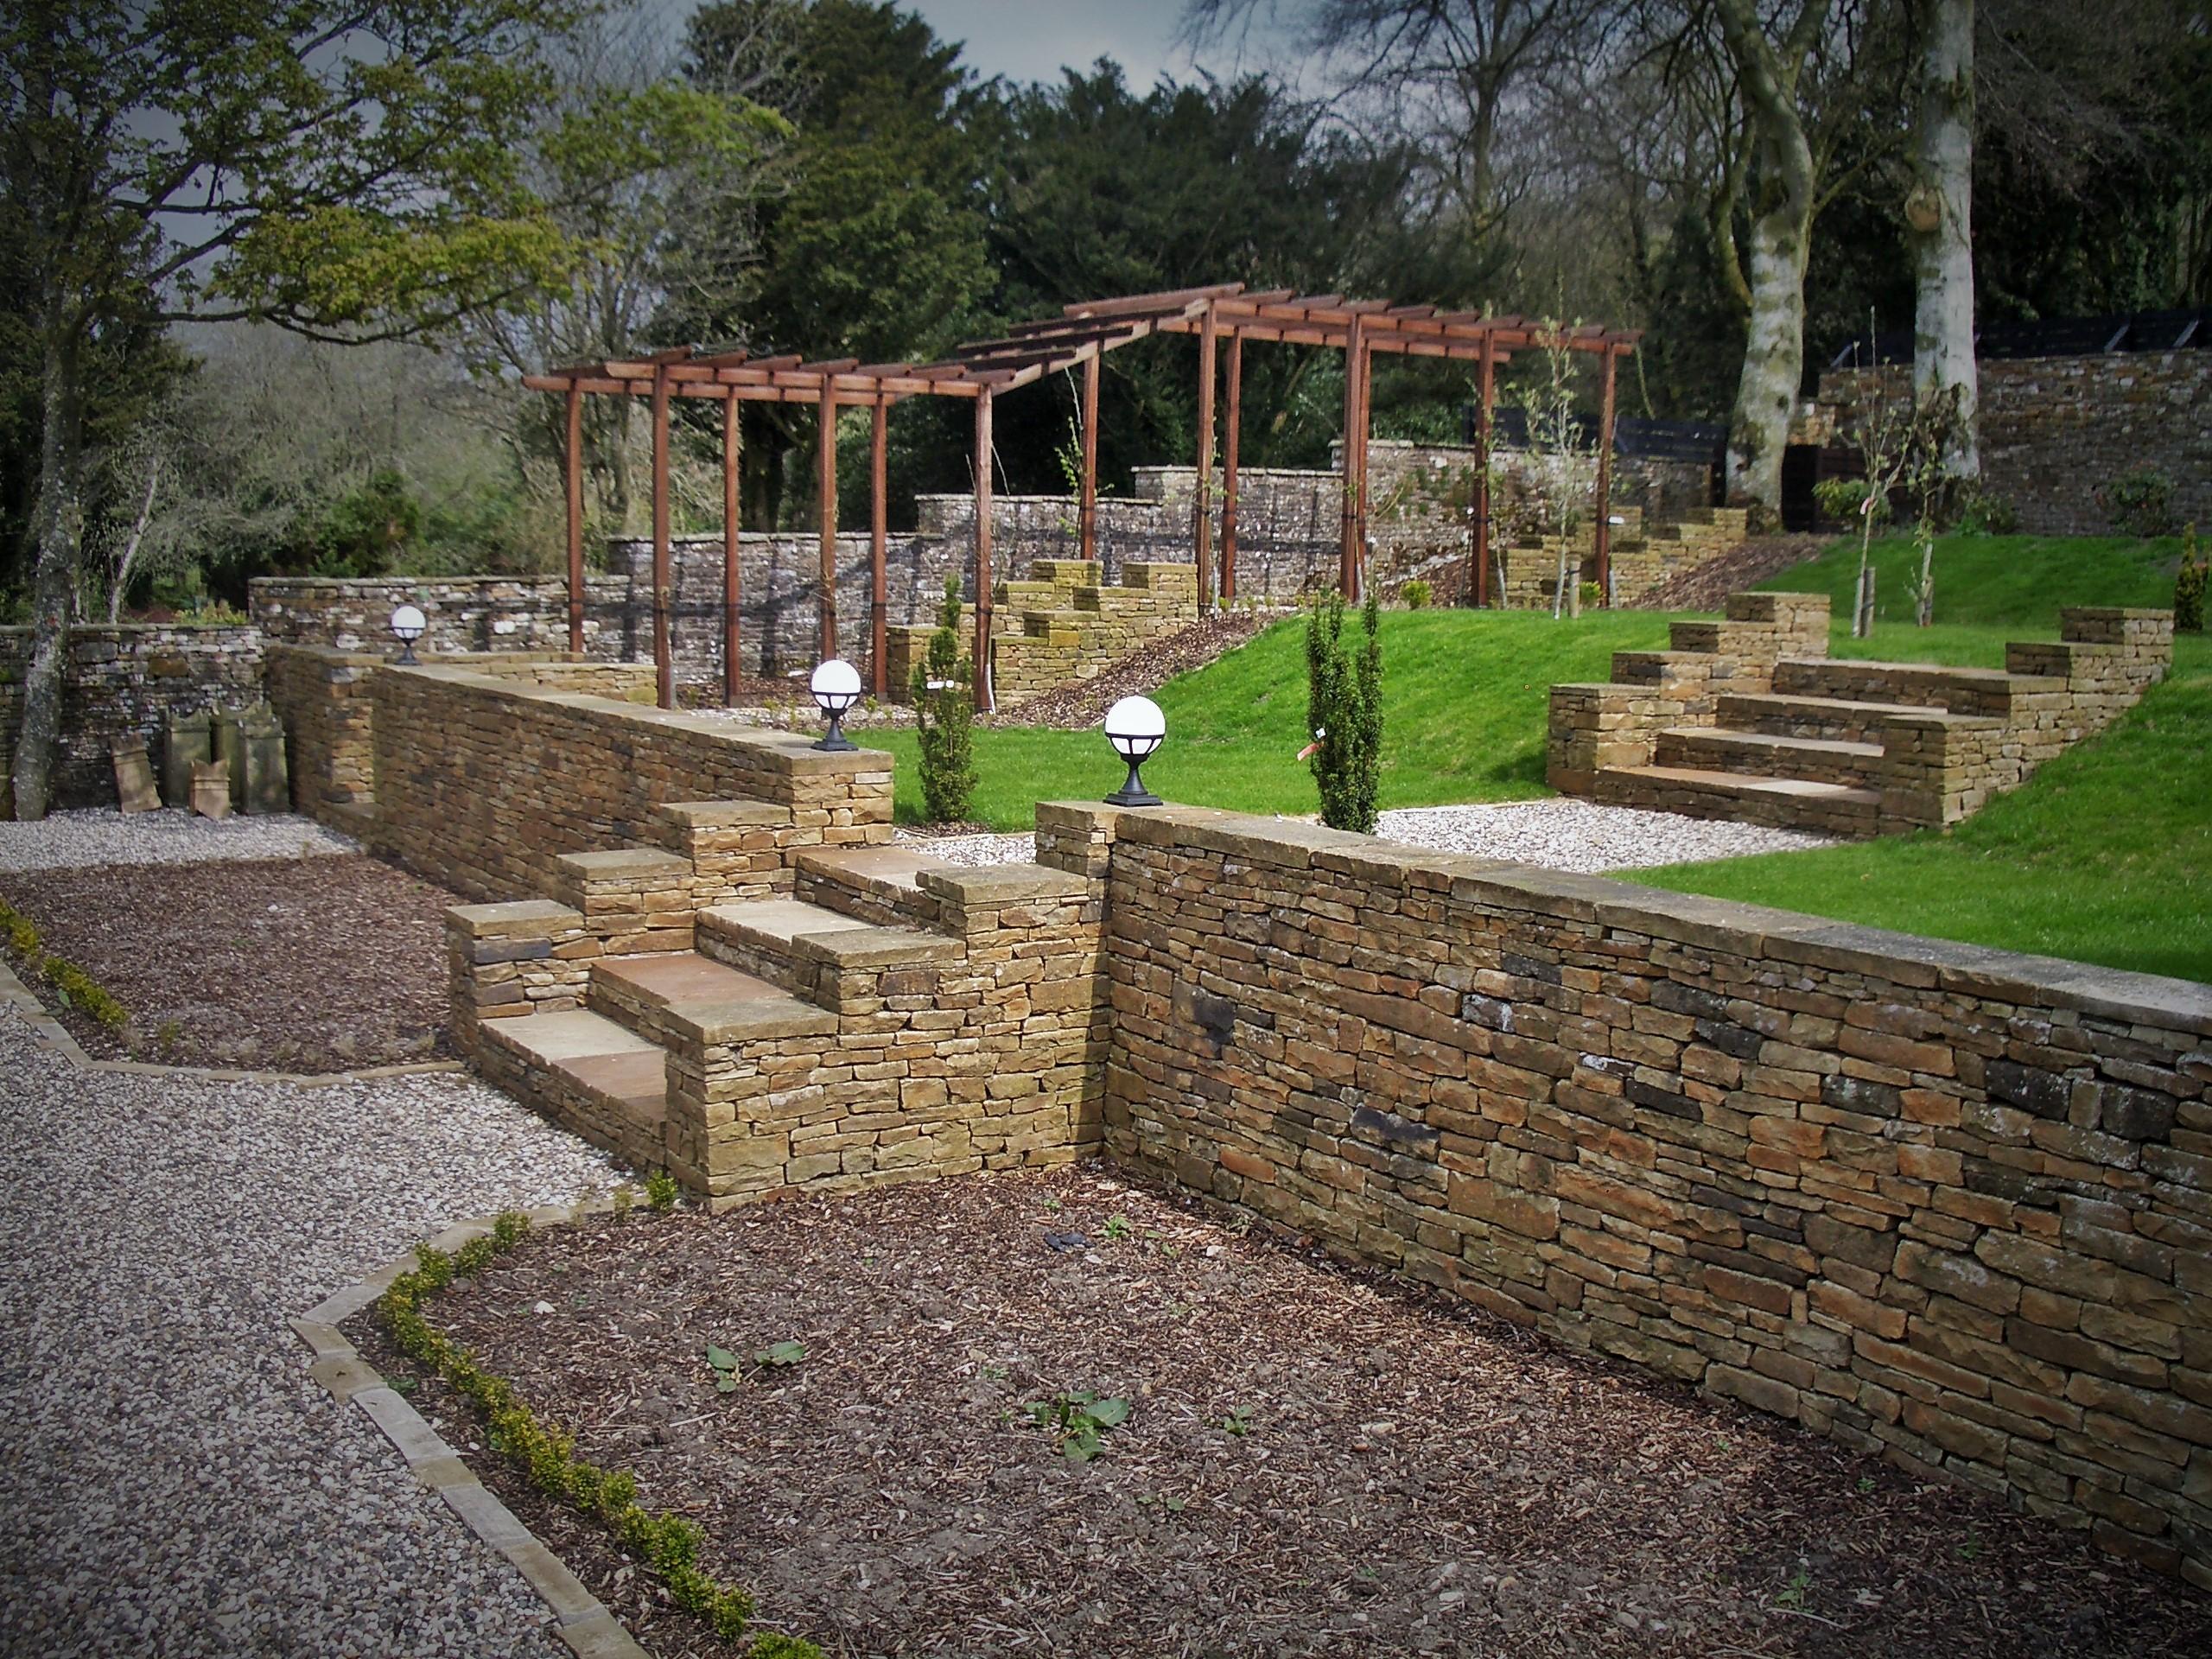 Formal Walled Garden